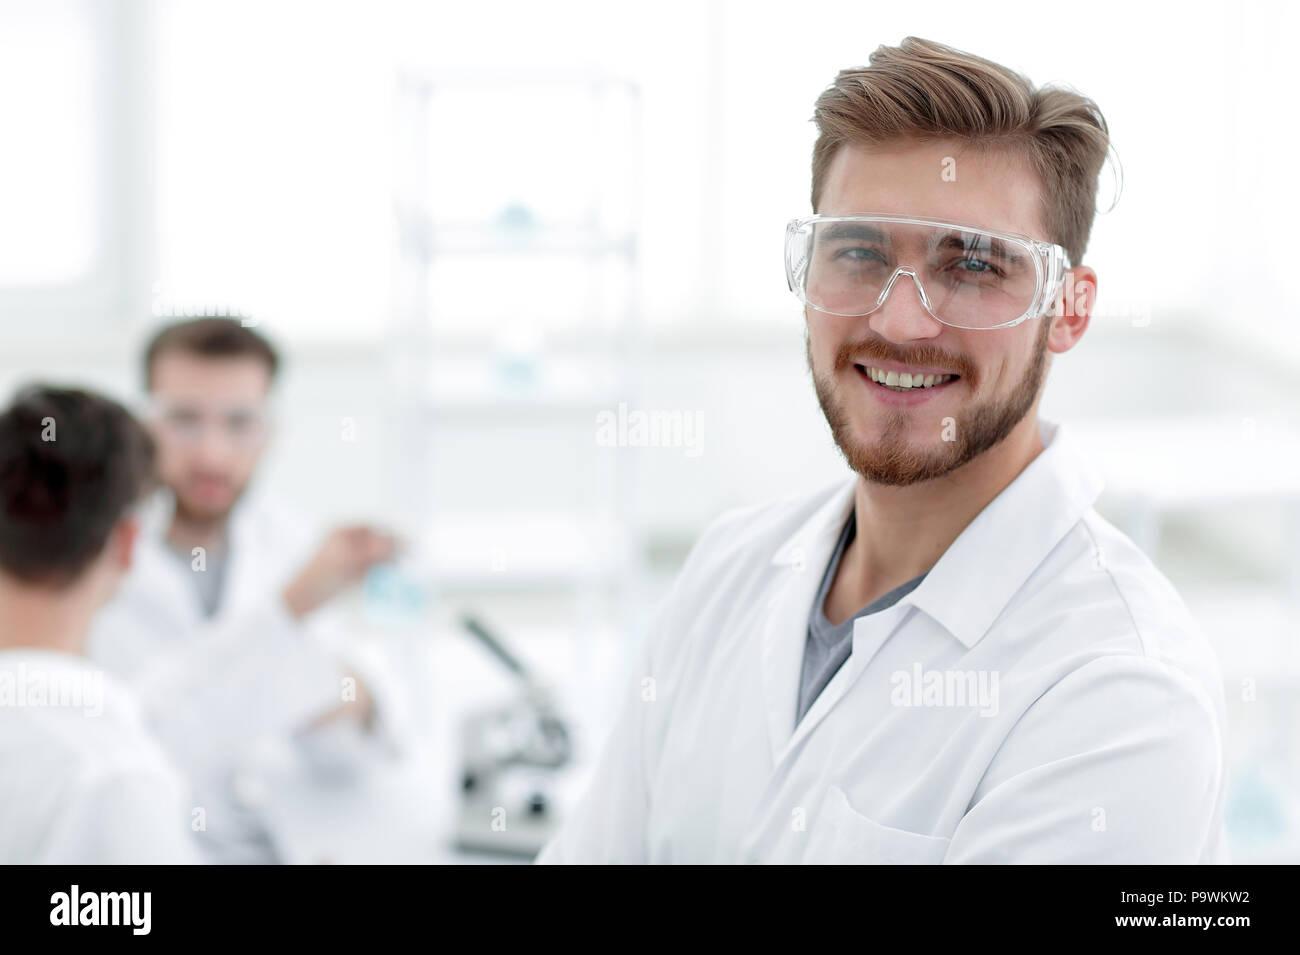 Closeup. erfolgreicher Wissenschaftler auf einem hellen Hintergrund Stockbild